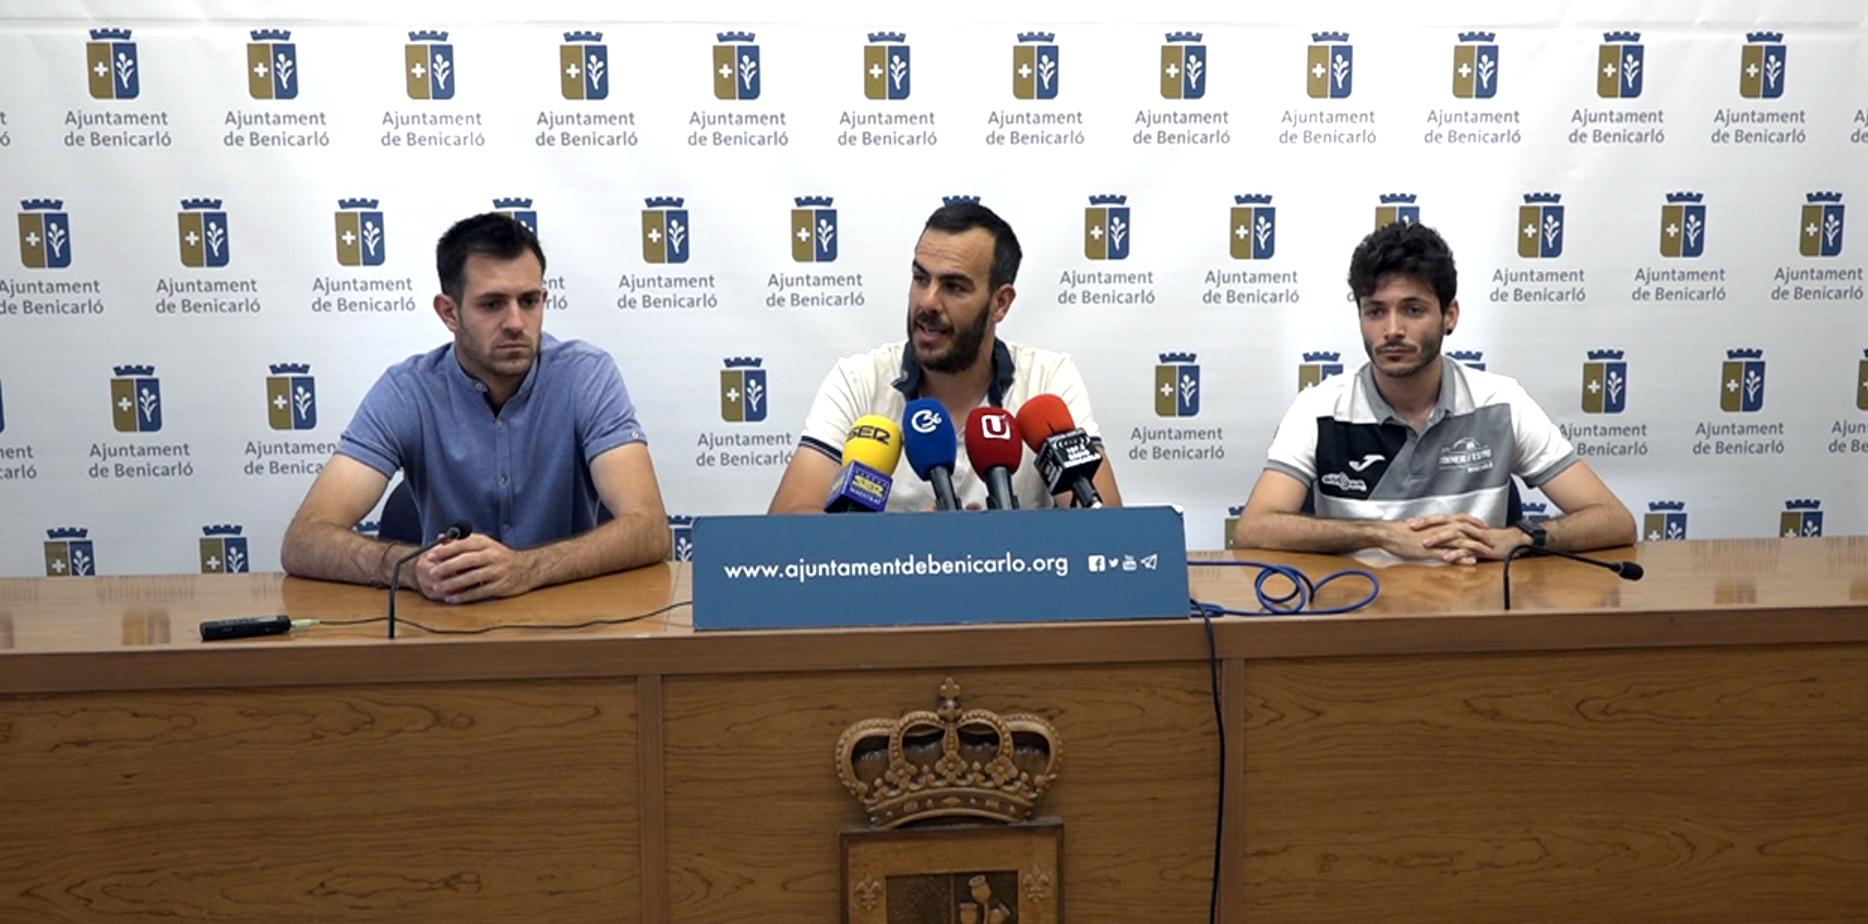 Benicarló, s'obren les inscripcions per participar en el 38è Torneig d'Estiu de Futbol Sala